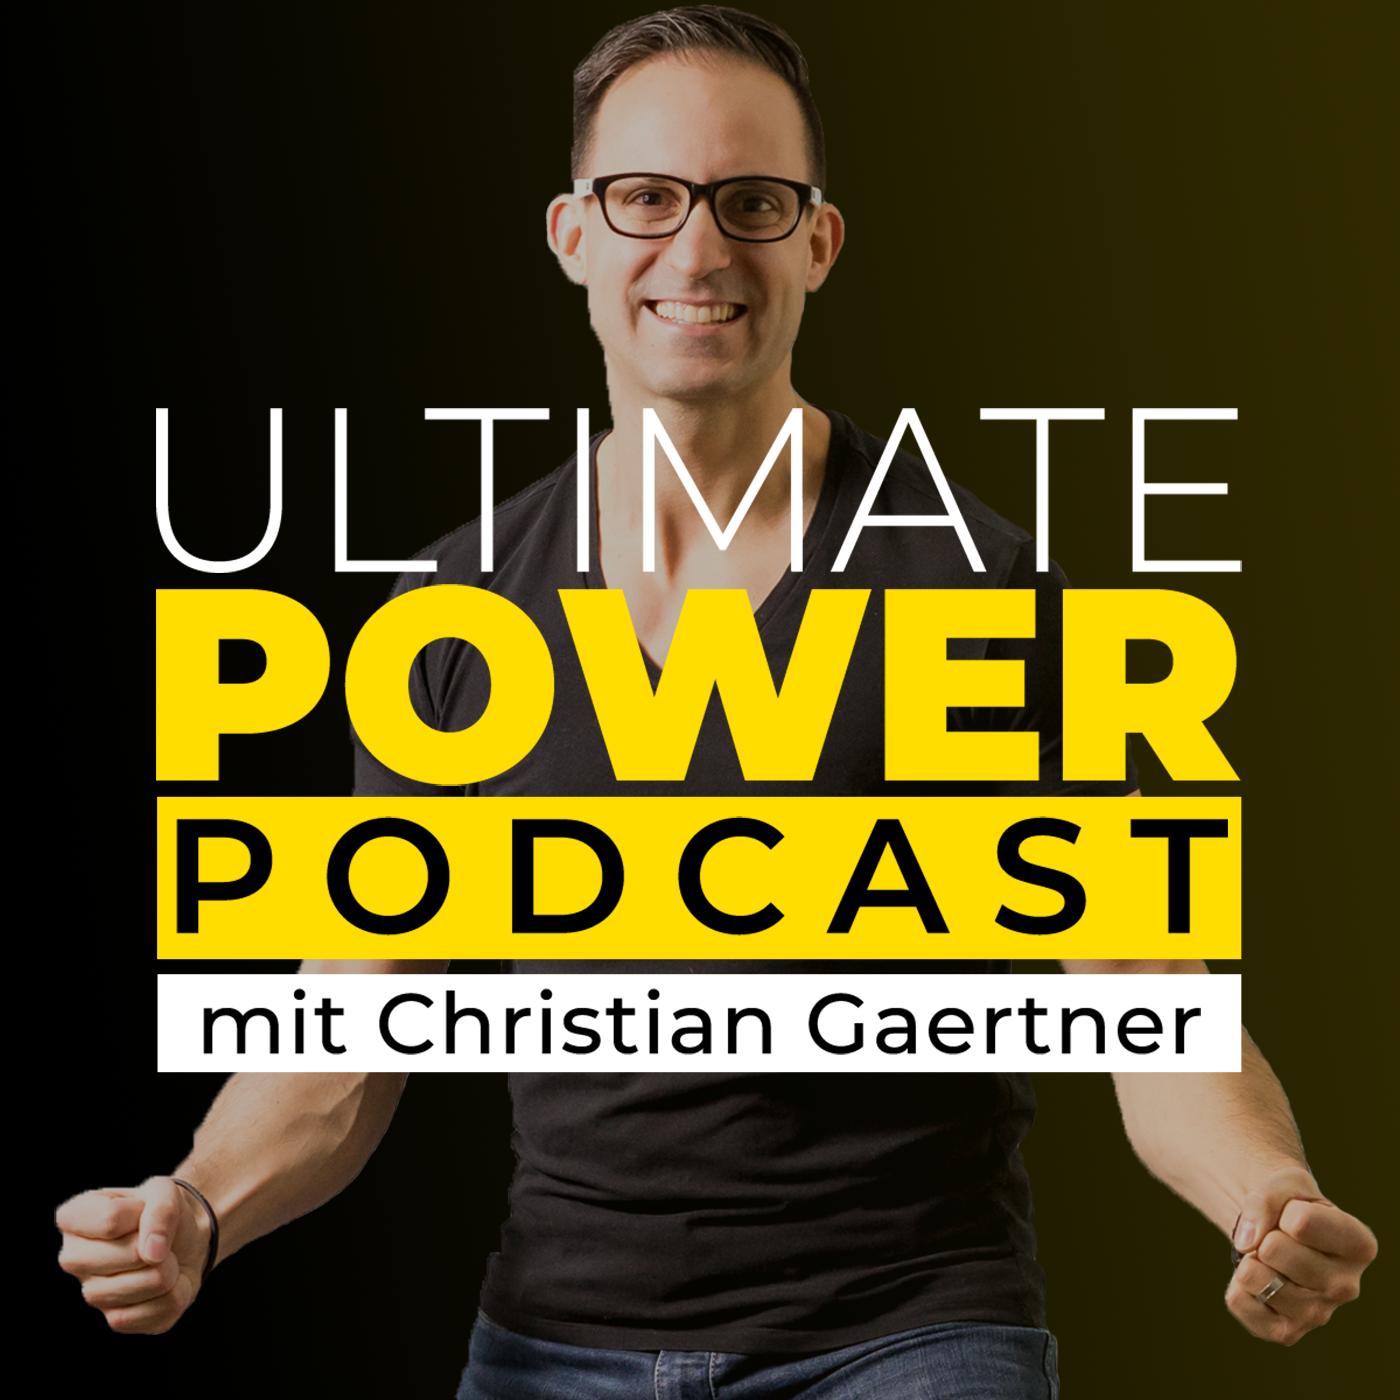 Ultimate Power Podcast - Für mehr Stärke, Tiefe und Klarheit in deinem Leben!